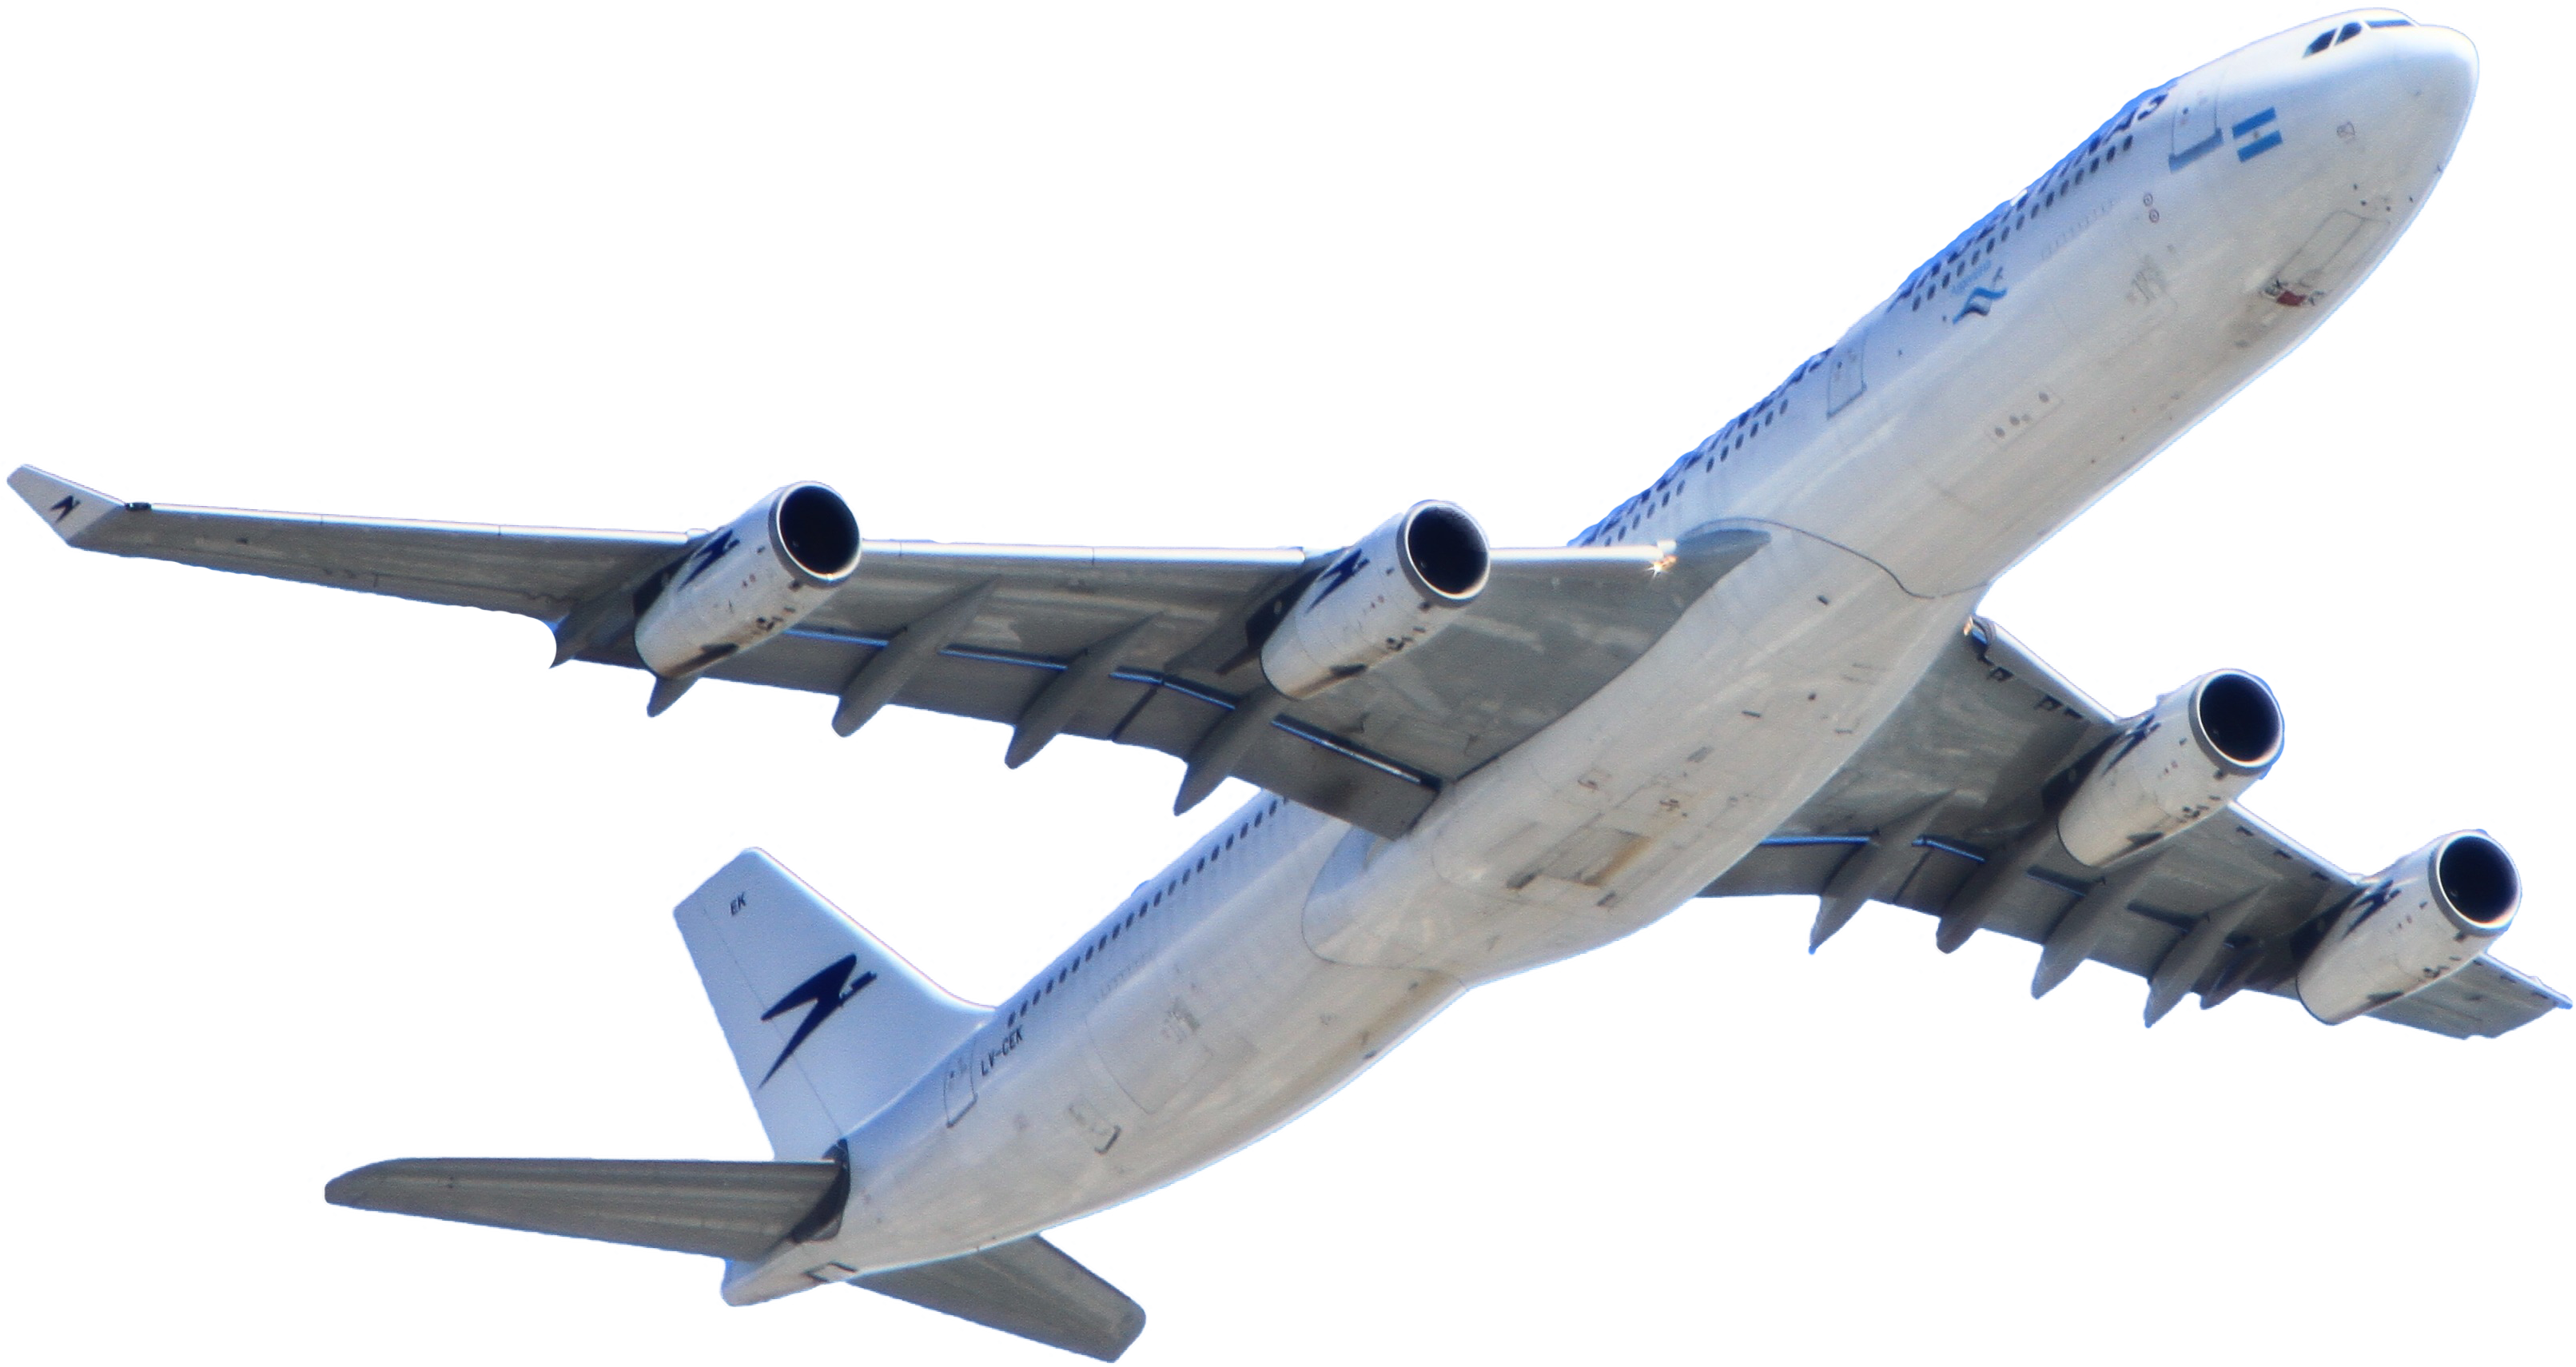 White Passenger Plane Flying on Sky PNG Image.